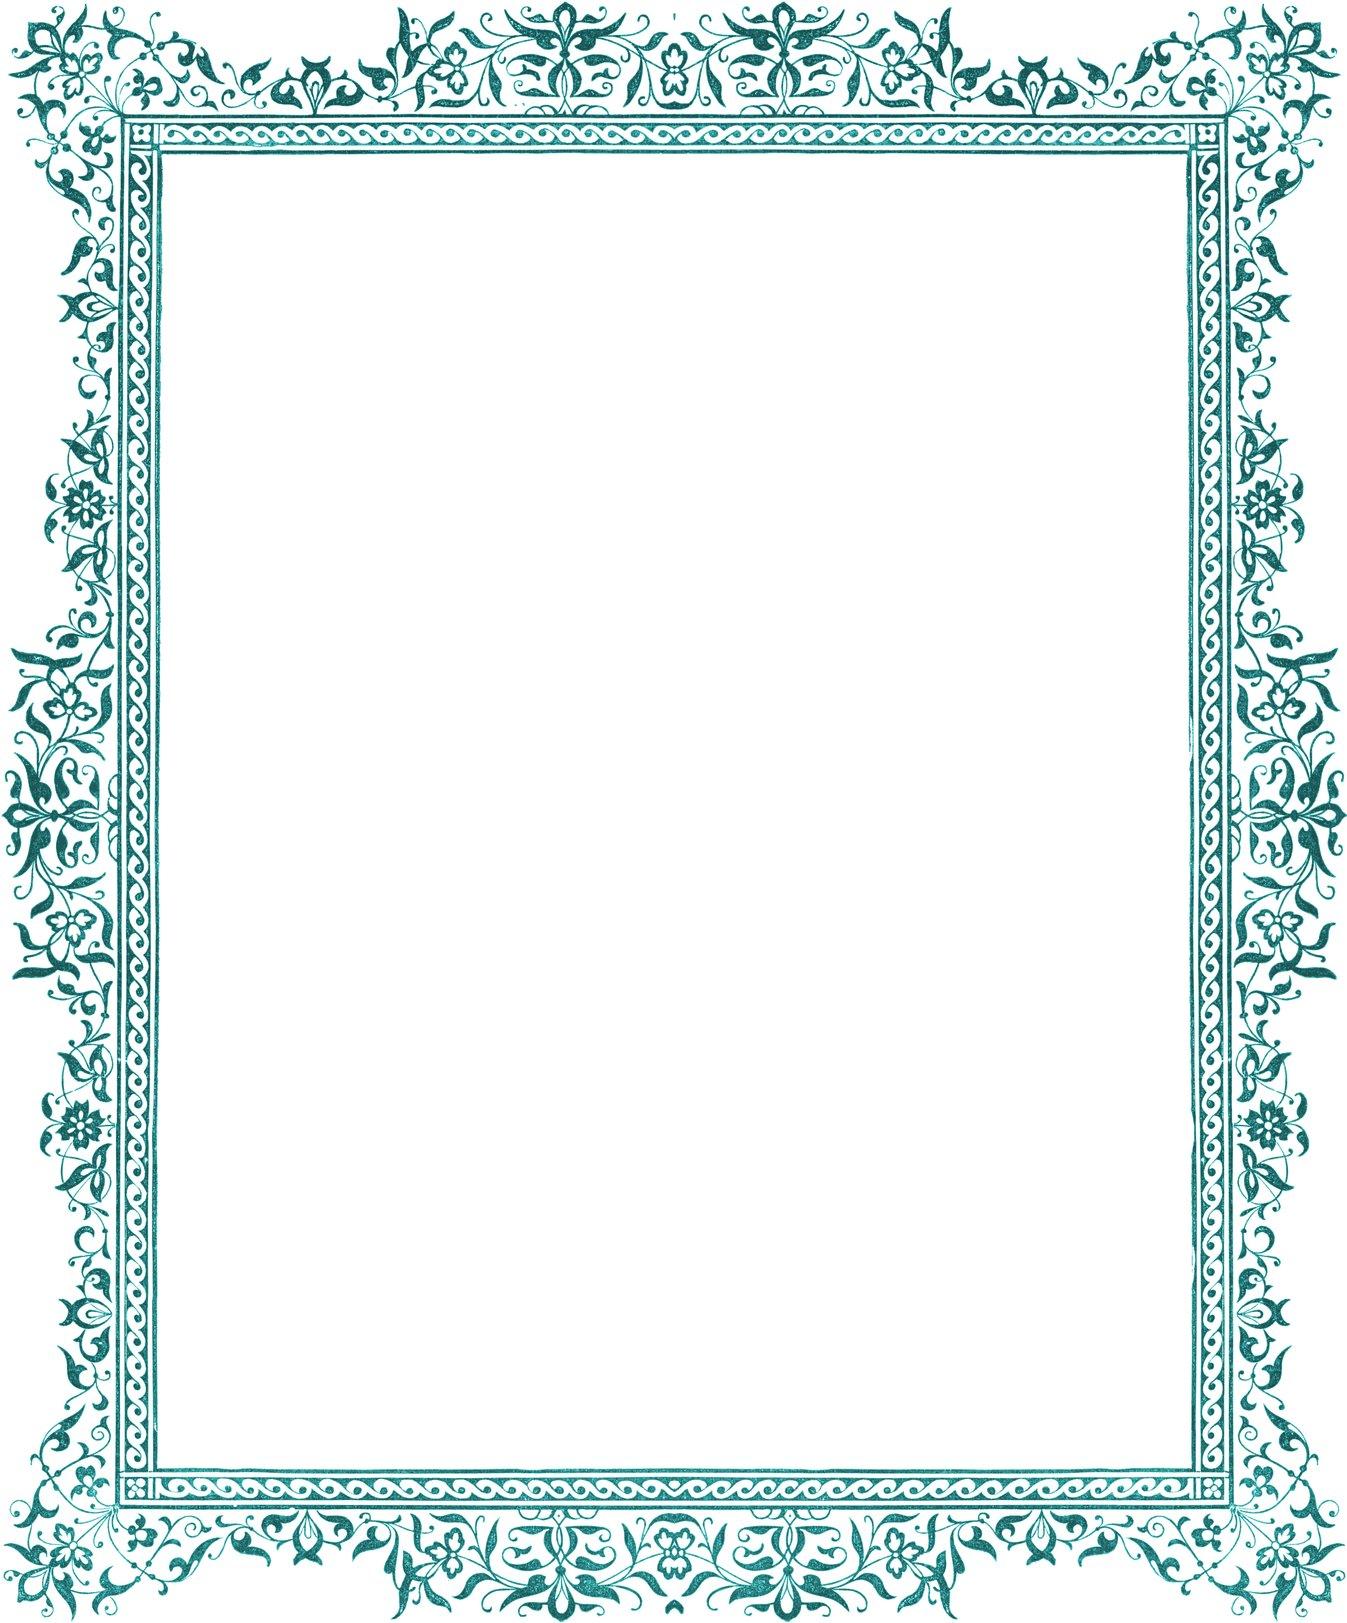 Art borders clip art jpg freeuse stock Princess border clip art - ClipartFest jpg freeuse stock